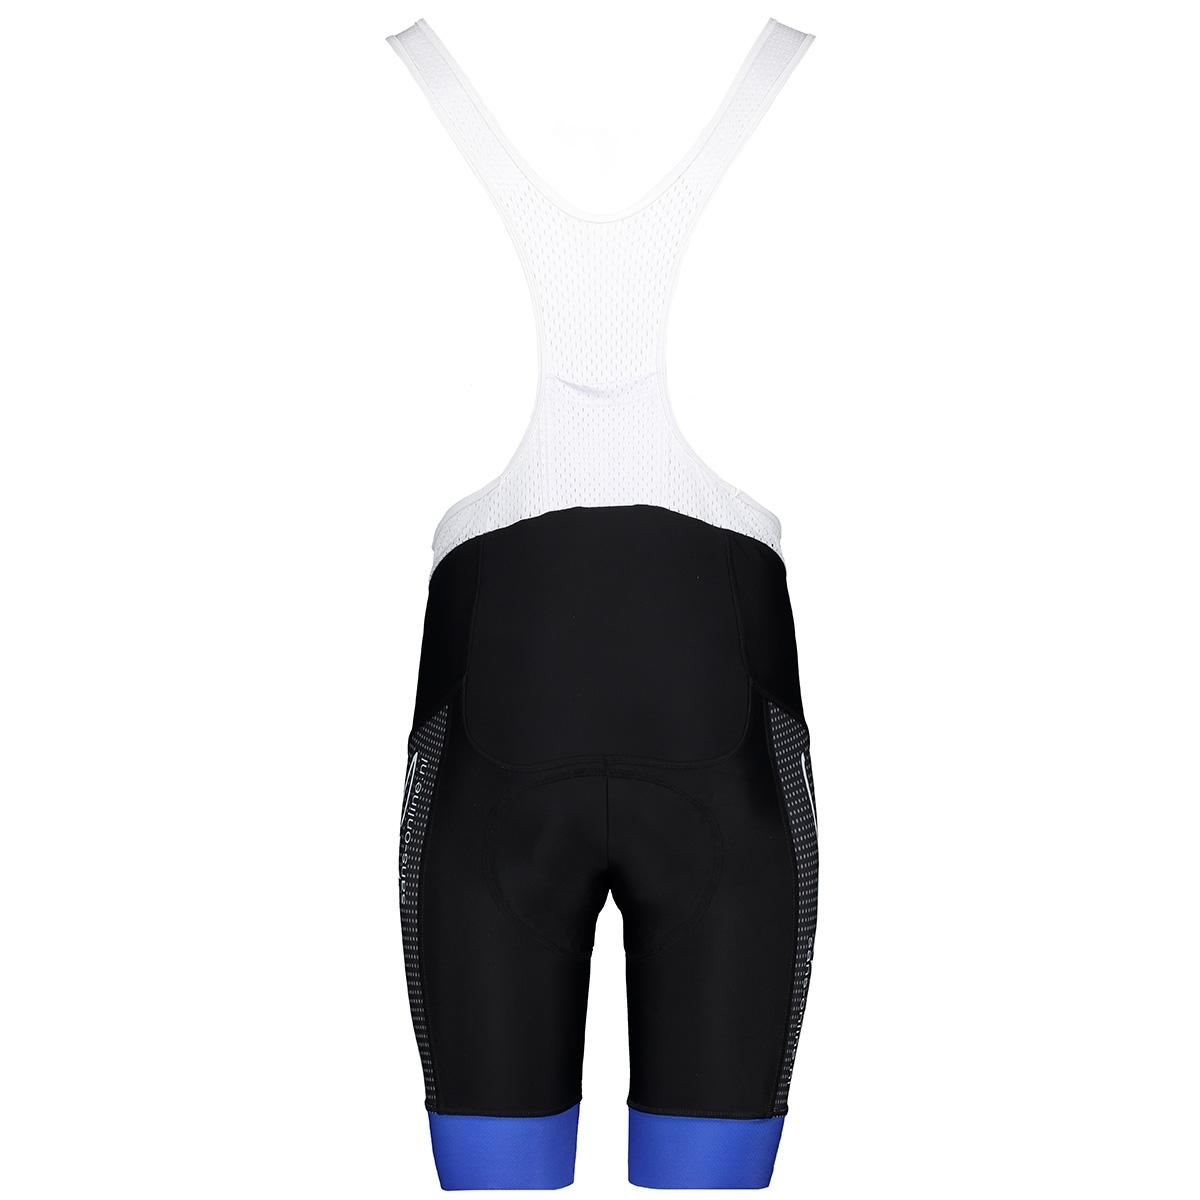 52155 bibshort kort sans sport broek blauw wit